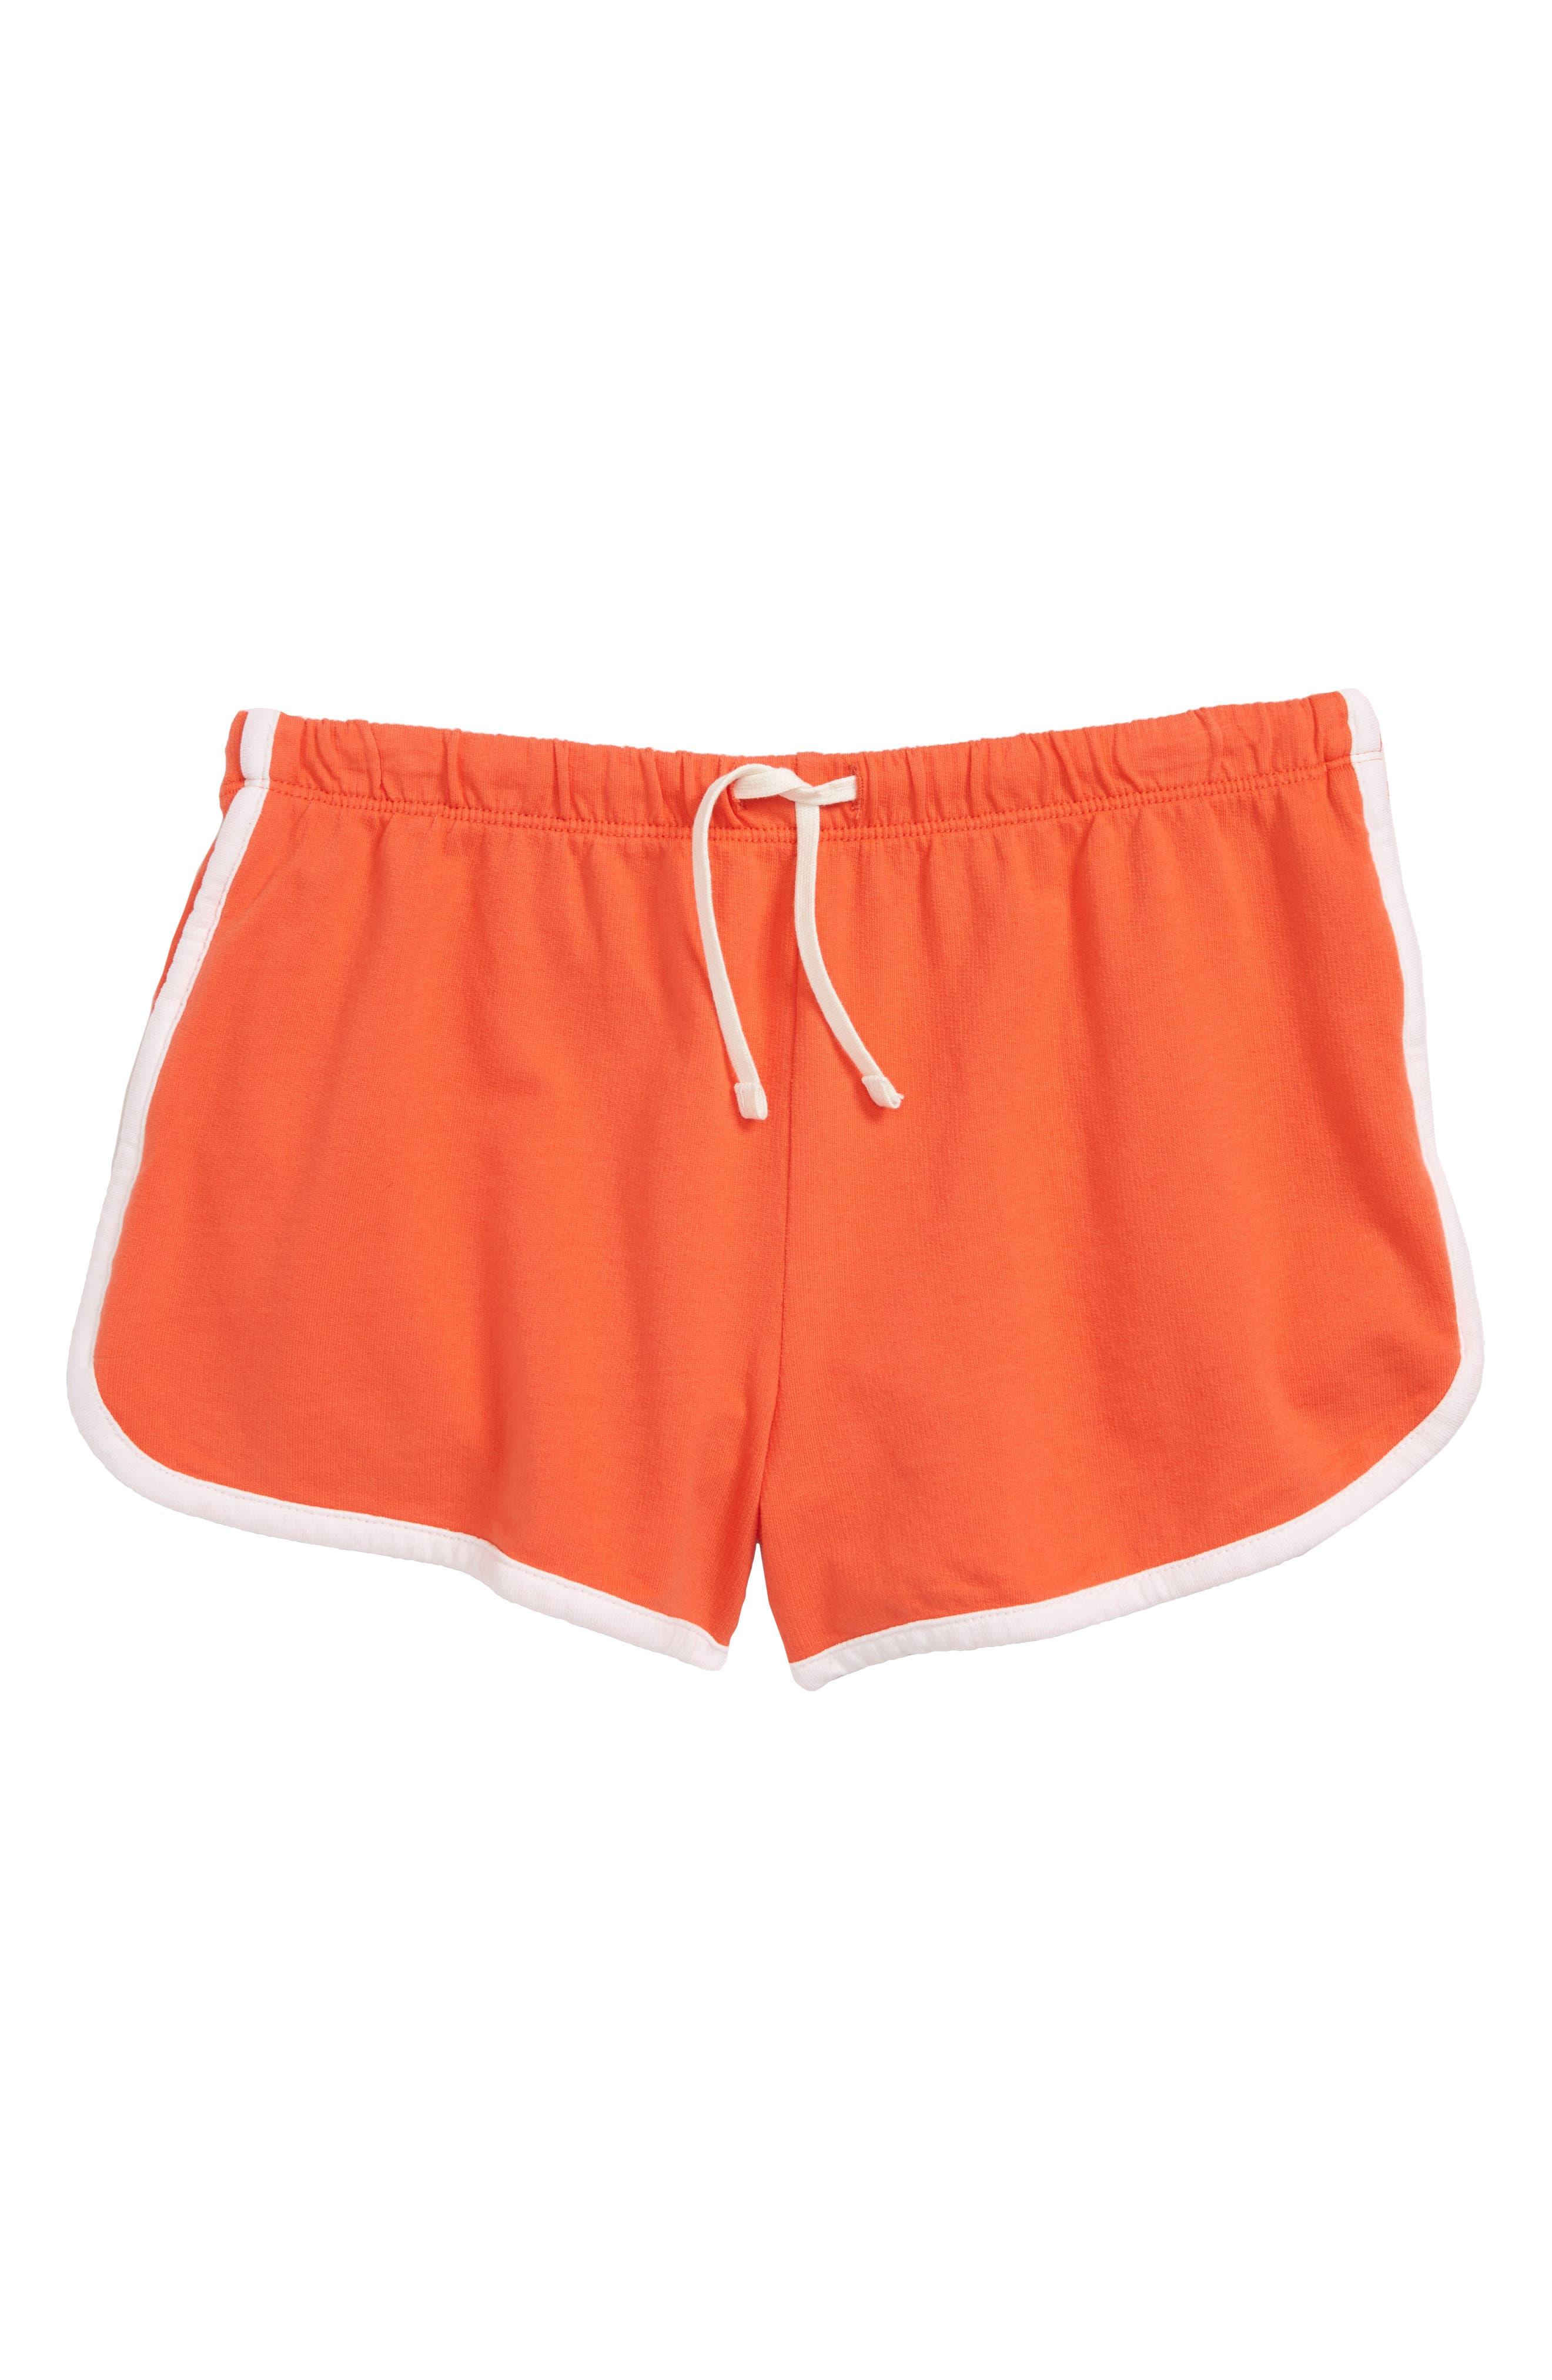 Cotton Dolphin Shorts,                             Main thumbnail 1, color,                             Coral Hot